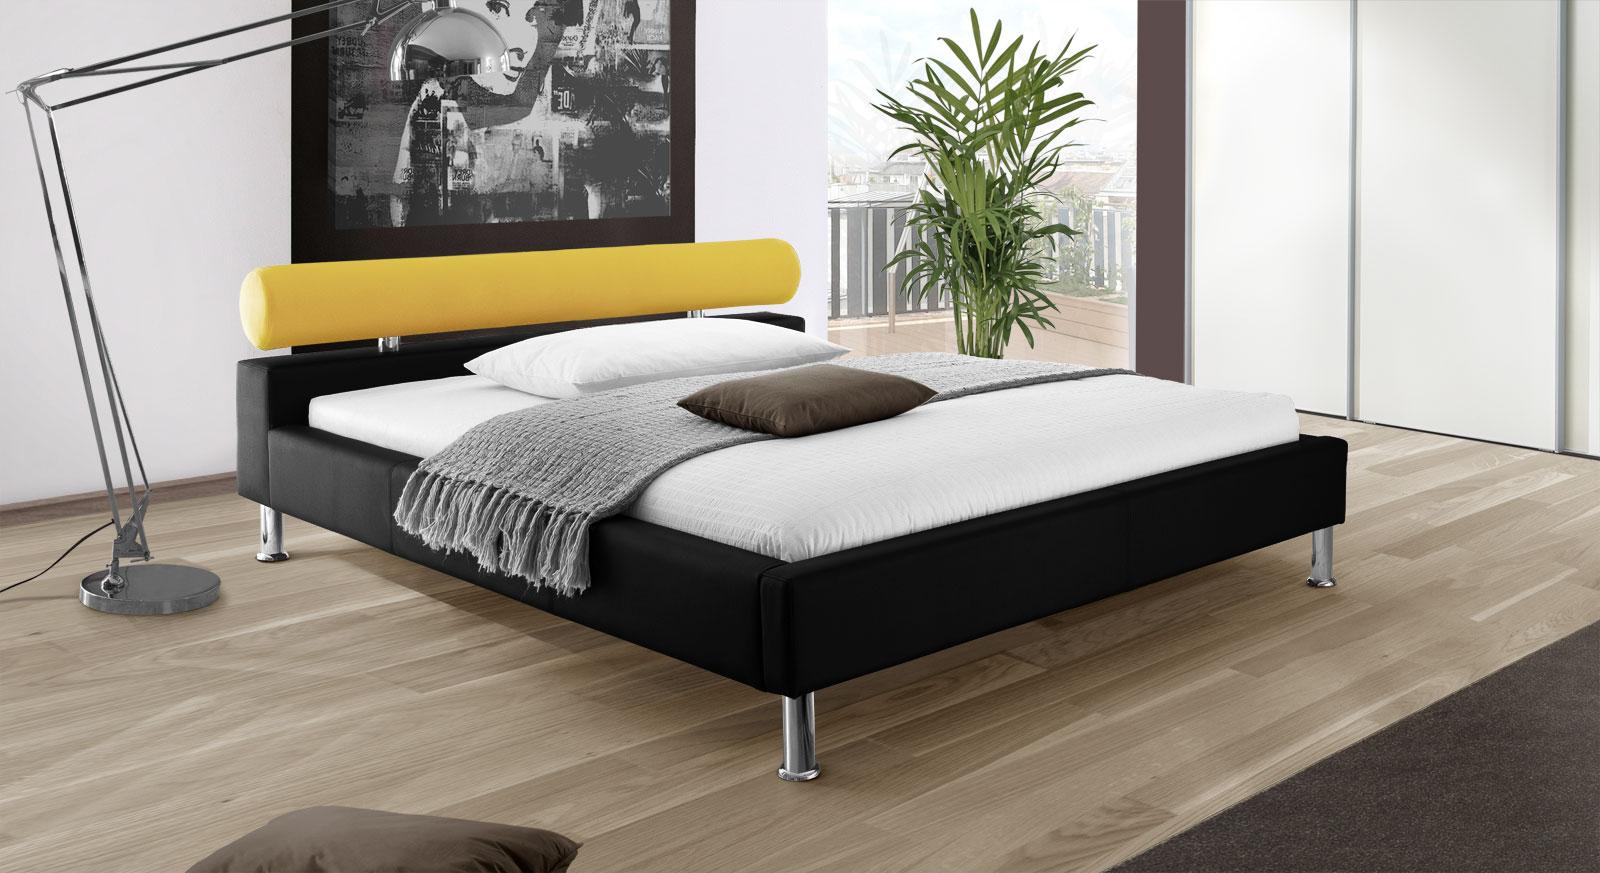 Bett Basildon in schwarzem Kunstleder und gelbem Stoff